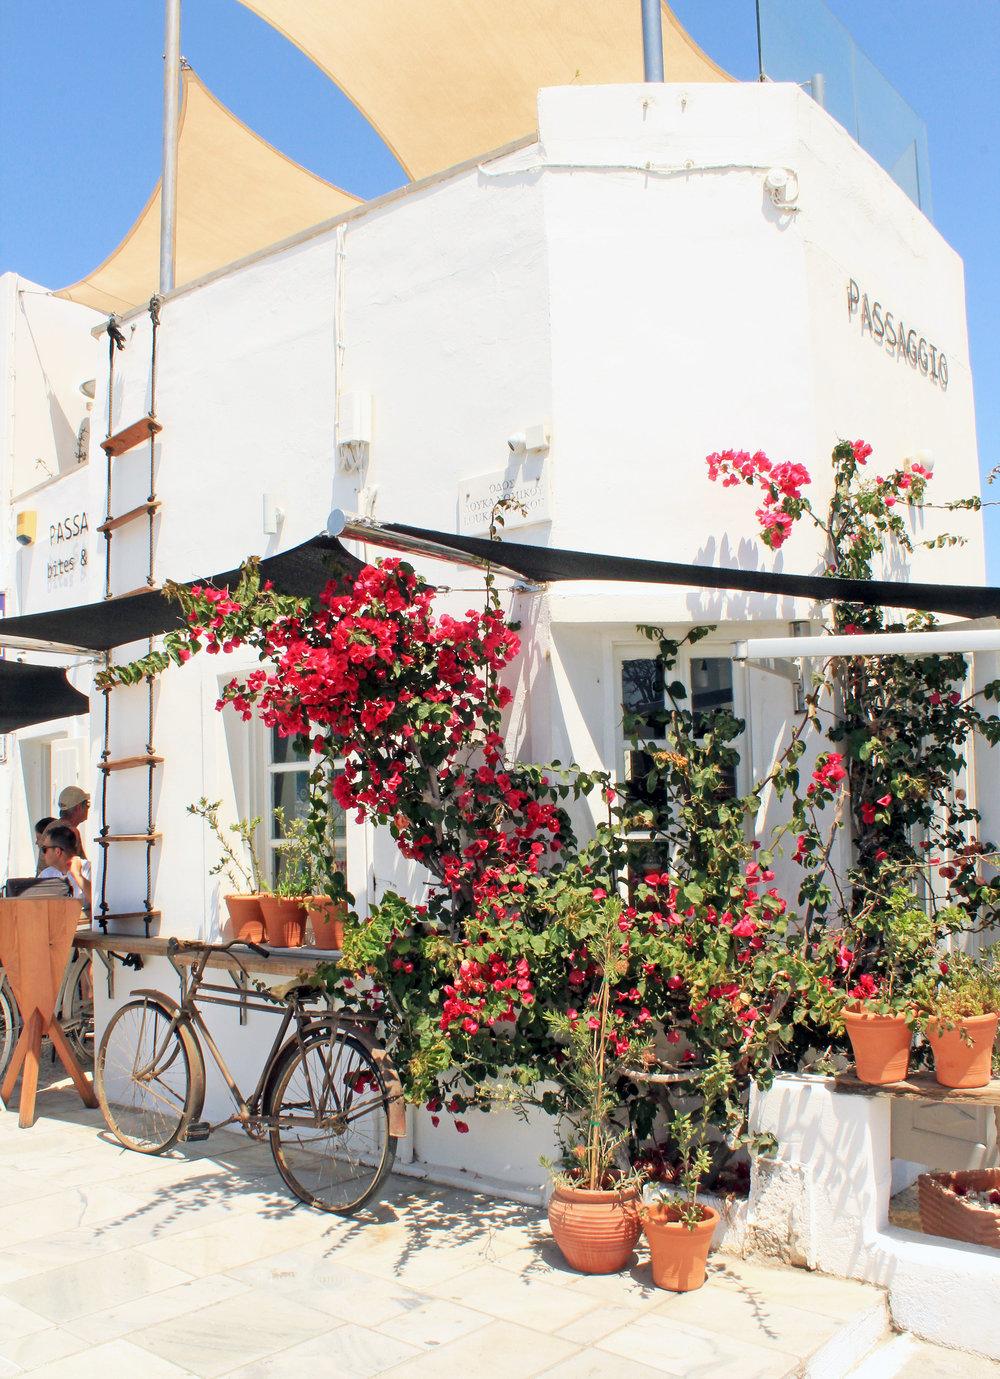 Passagio Santorini // Eclectic Prodigy